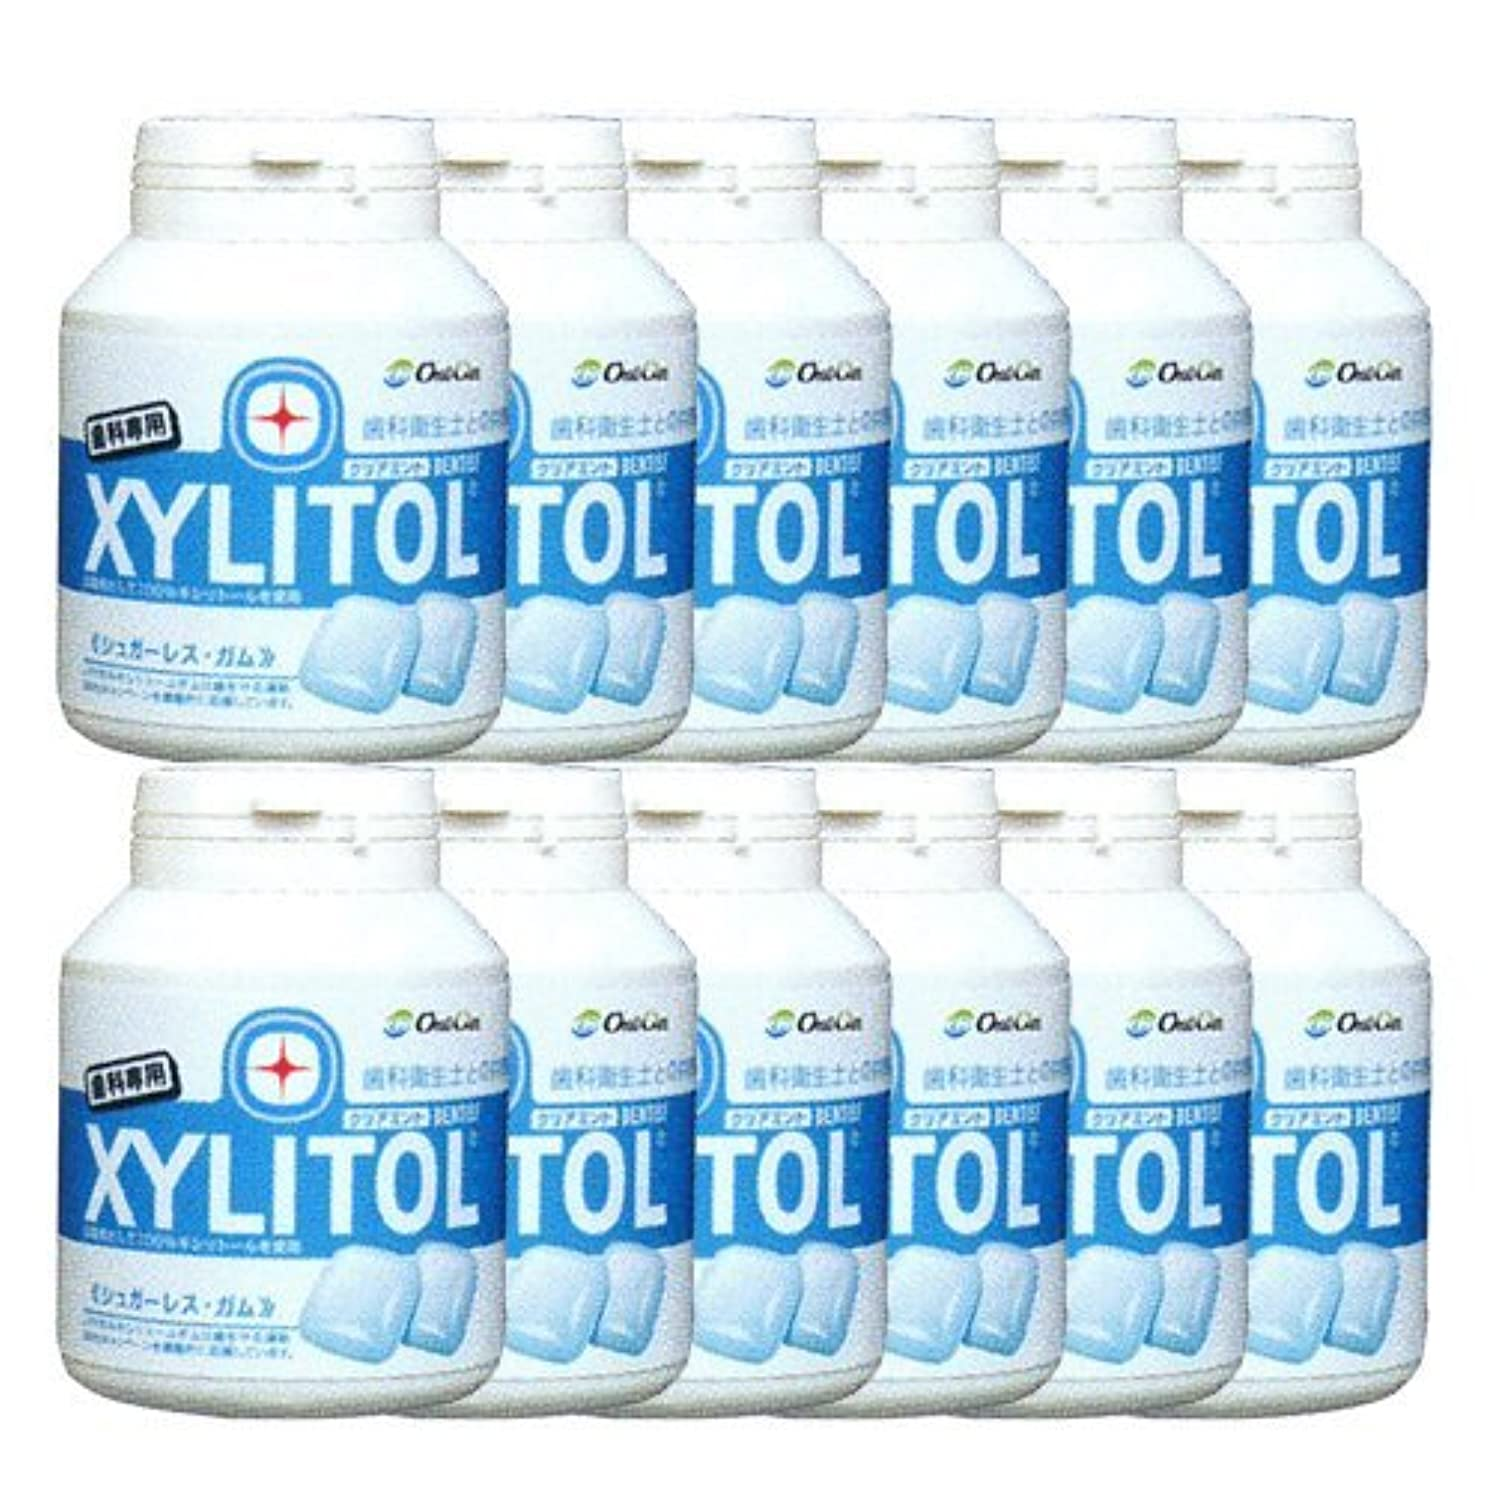 薄い不健康解任歯科専売品 キシリトール ガム ボトル タイプ 90粒×12本 クリアミント キシリトール 100%